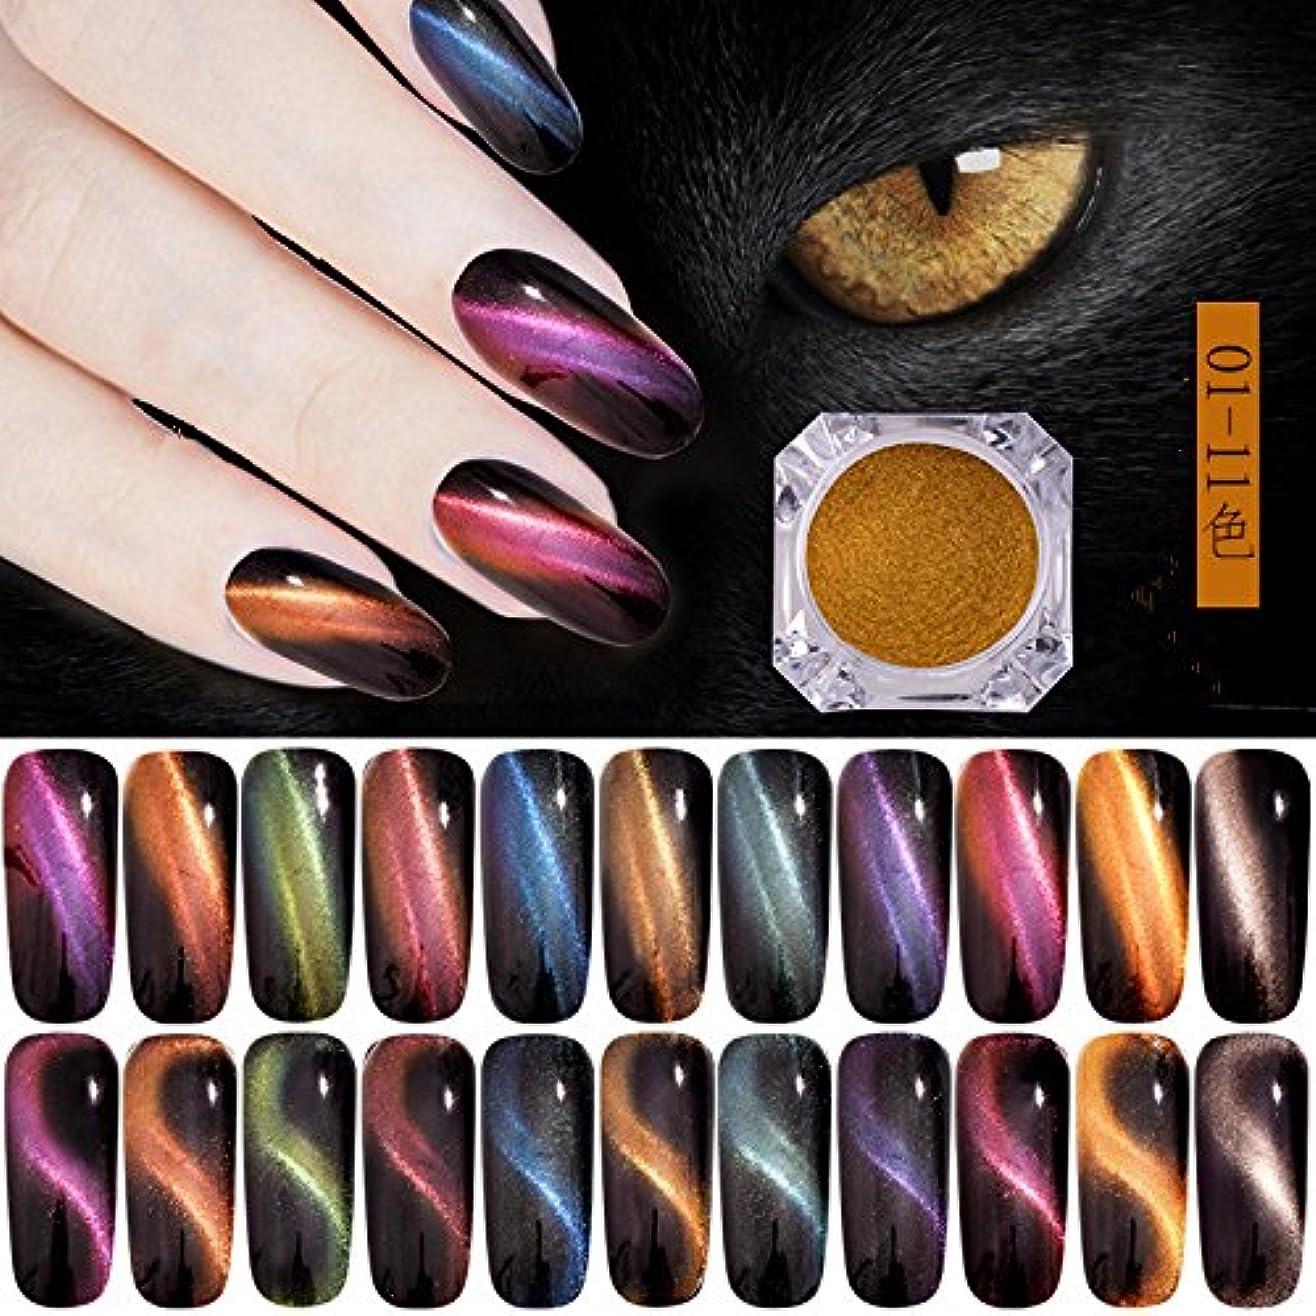 コンプリート惨めなトンネルオーロラキャッツアイカラーパウダー カメレオン&猫の目のように効果 マグネットネイルパウダー マジック磁気グリッターダストUVジェルマニキュアネイルアートピグメント 11色から選べ (11色セット)